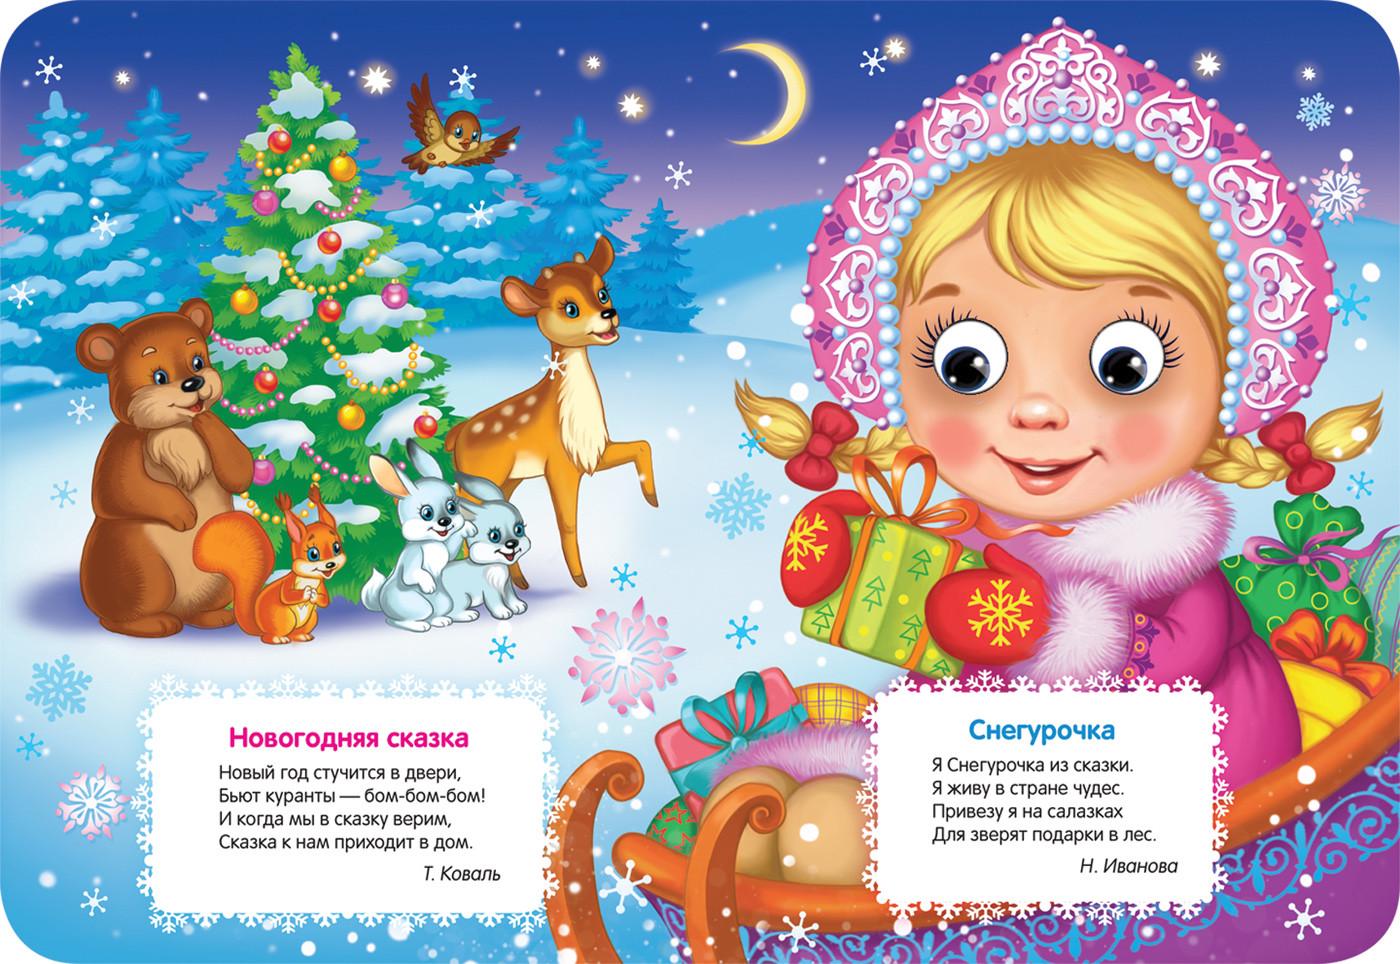 Оксана Сергеева. Загадки новогодние для детей